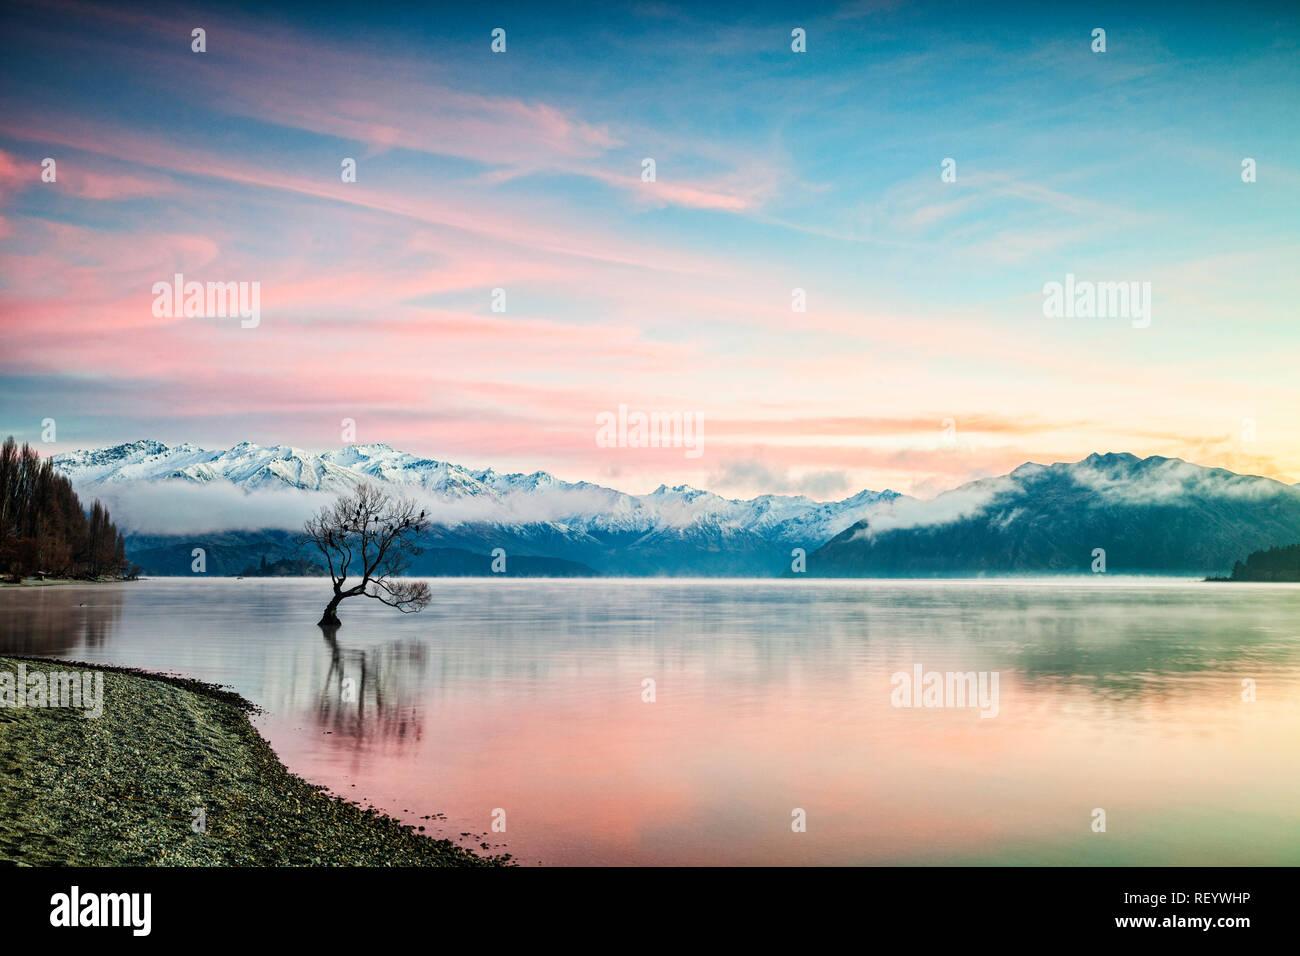 Inverno al Lago Wanaka, Otago, Nuova Zelanda, con gli uccelli sono ' appollaiati nella struttura ad albero singolo e la nebbia che salgono dal l'acqua. Foto Stock